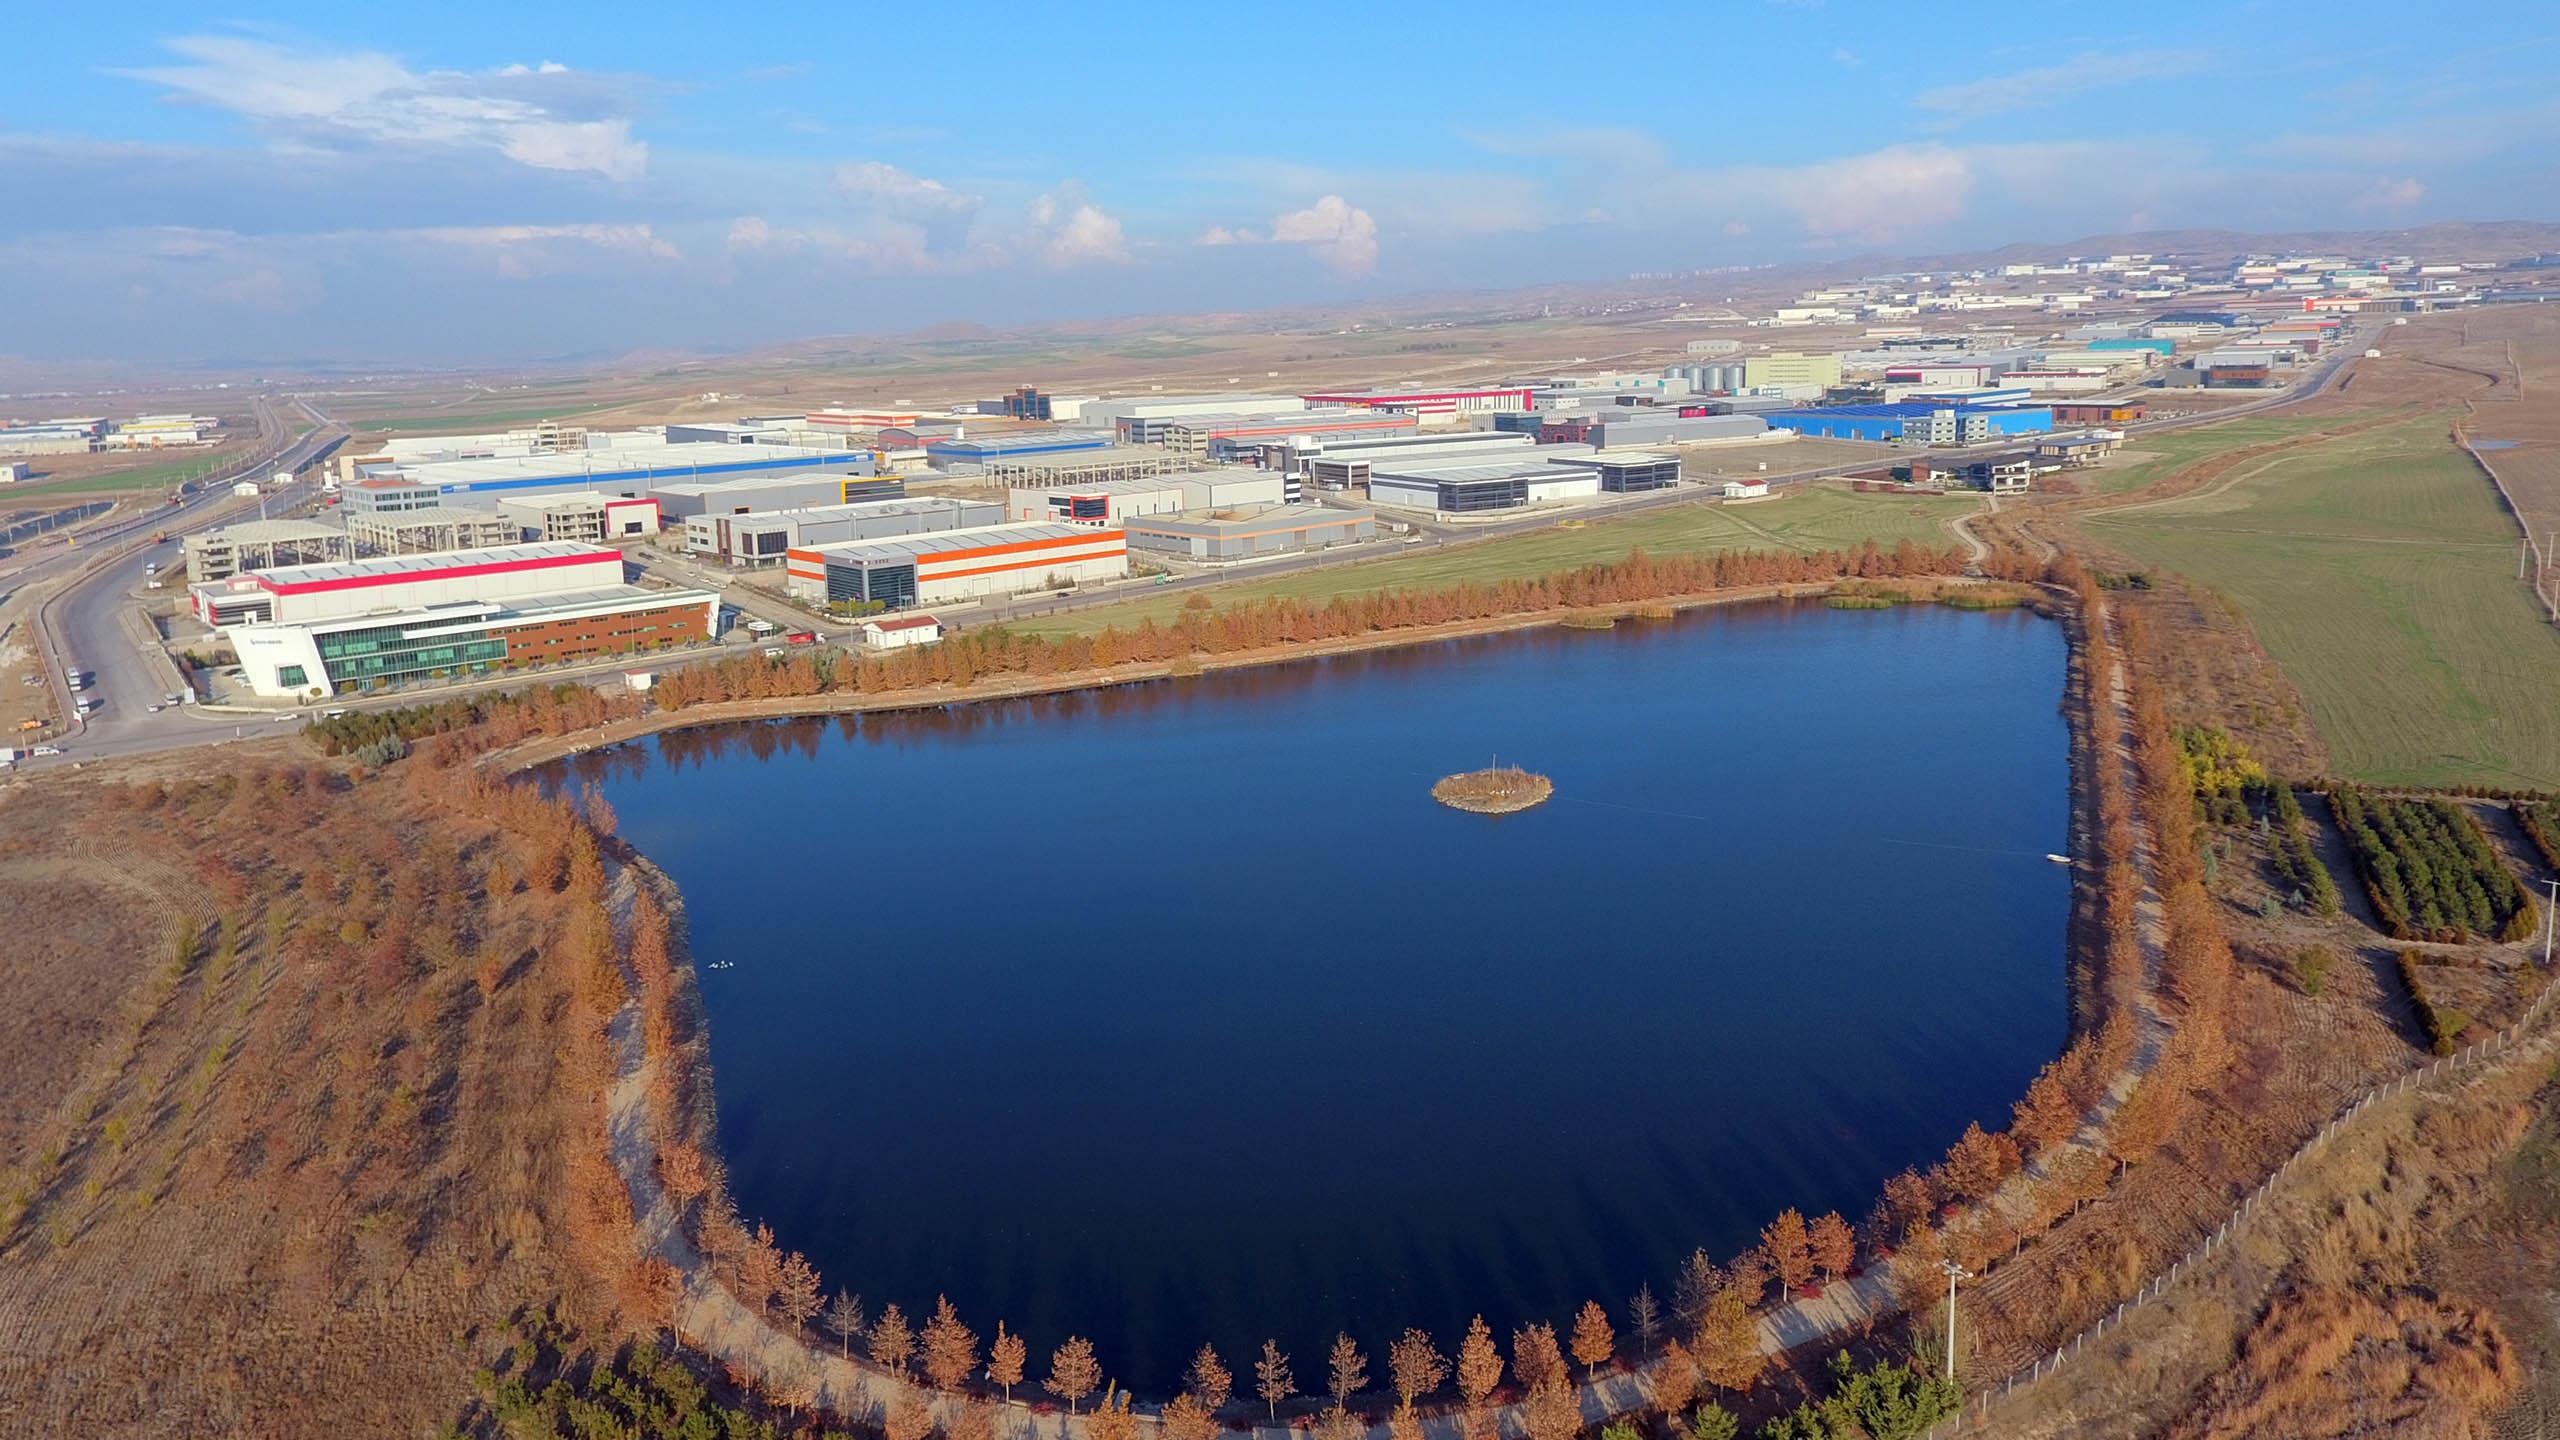 Anadolu Organize Sanayi Bölgesi